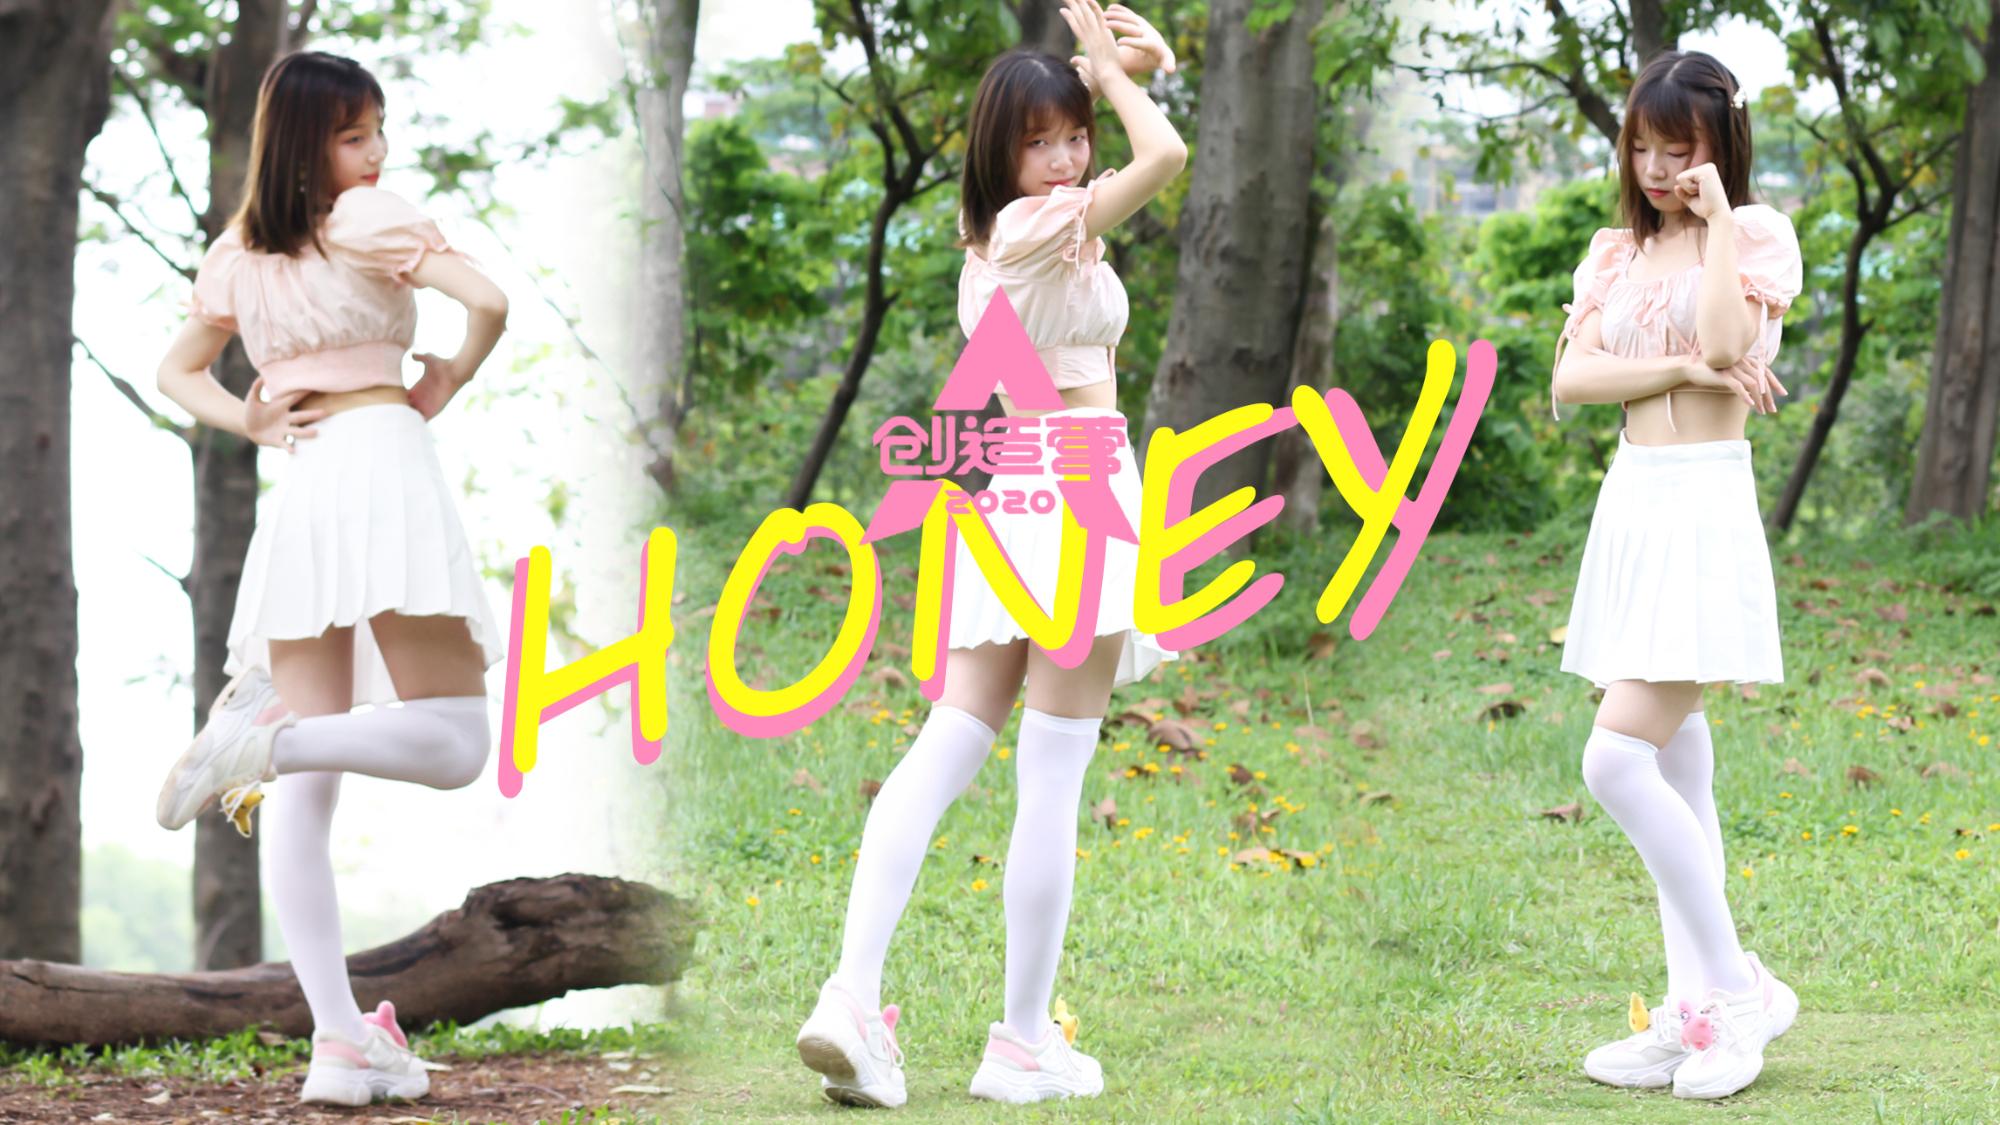 最后冲刺《honey》郑乃馨,超甜哦-创造营2020应援nene冲冲冲